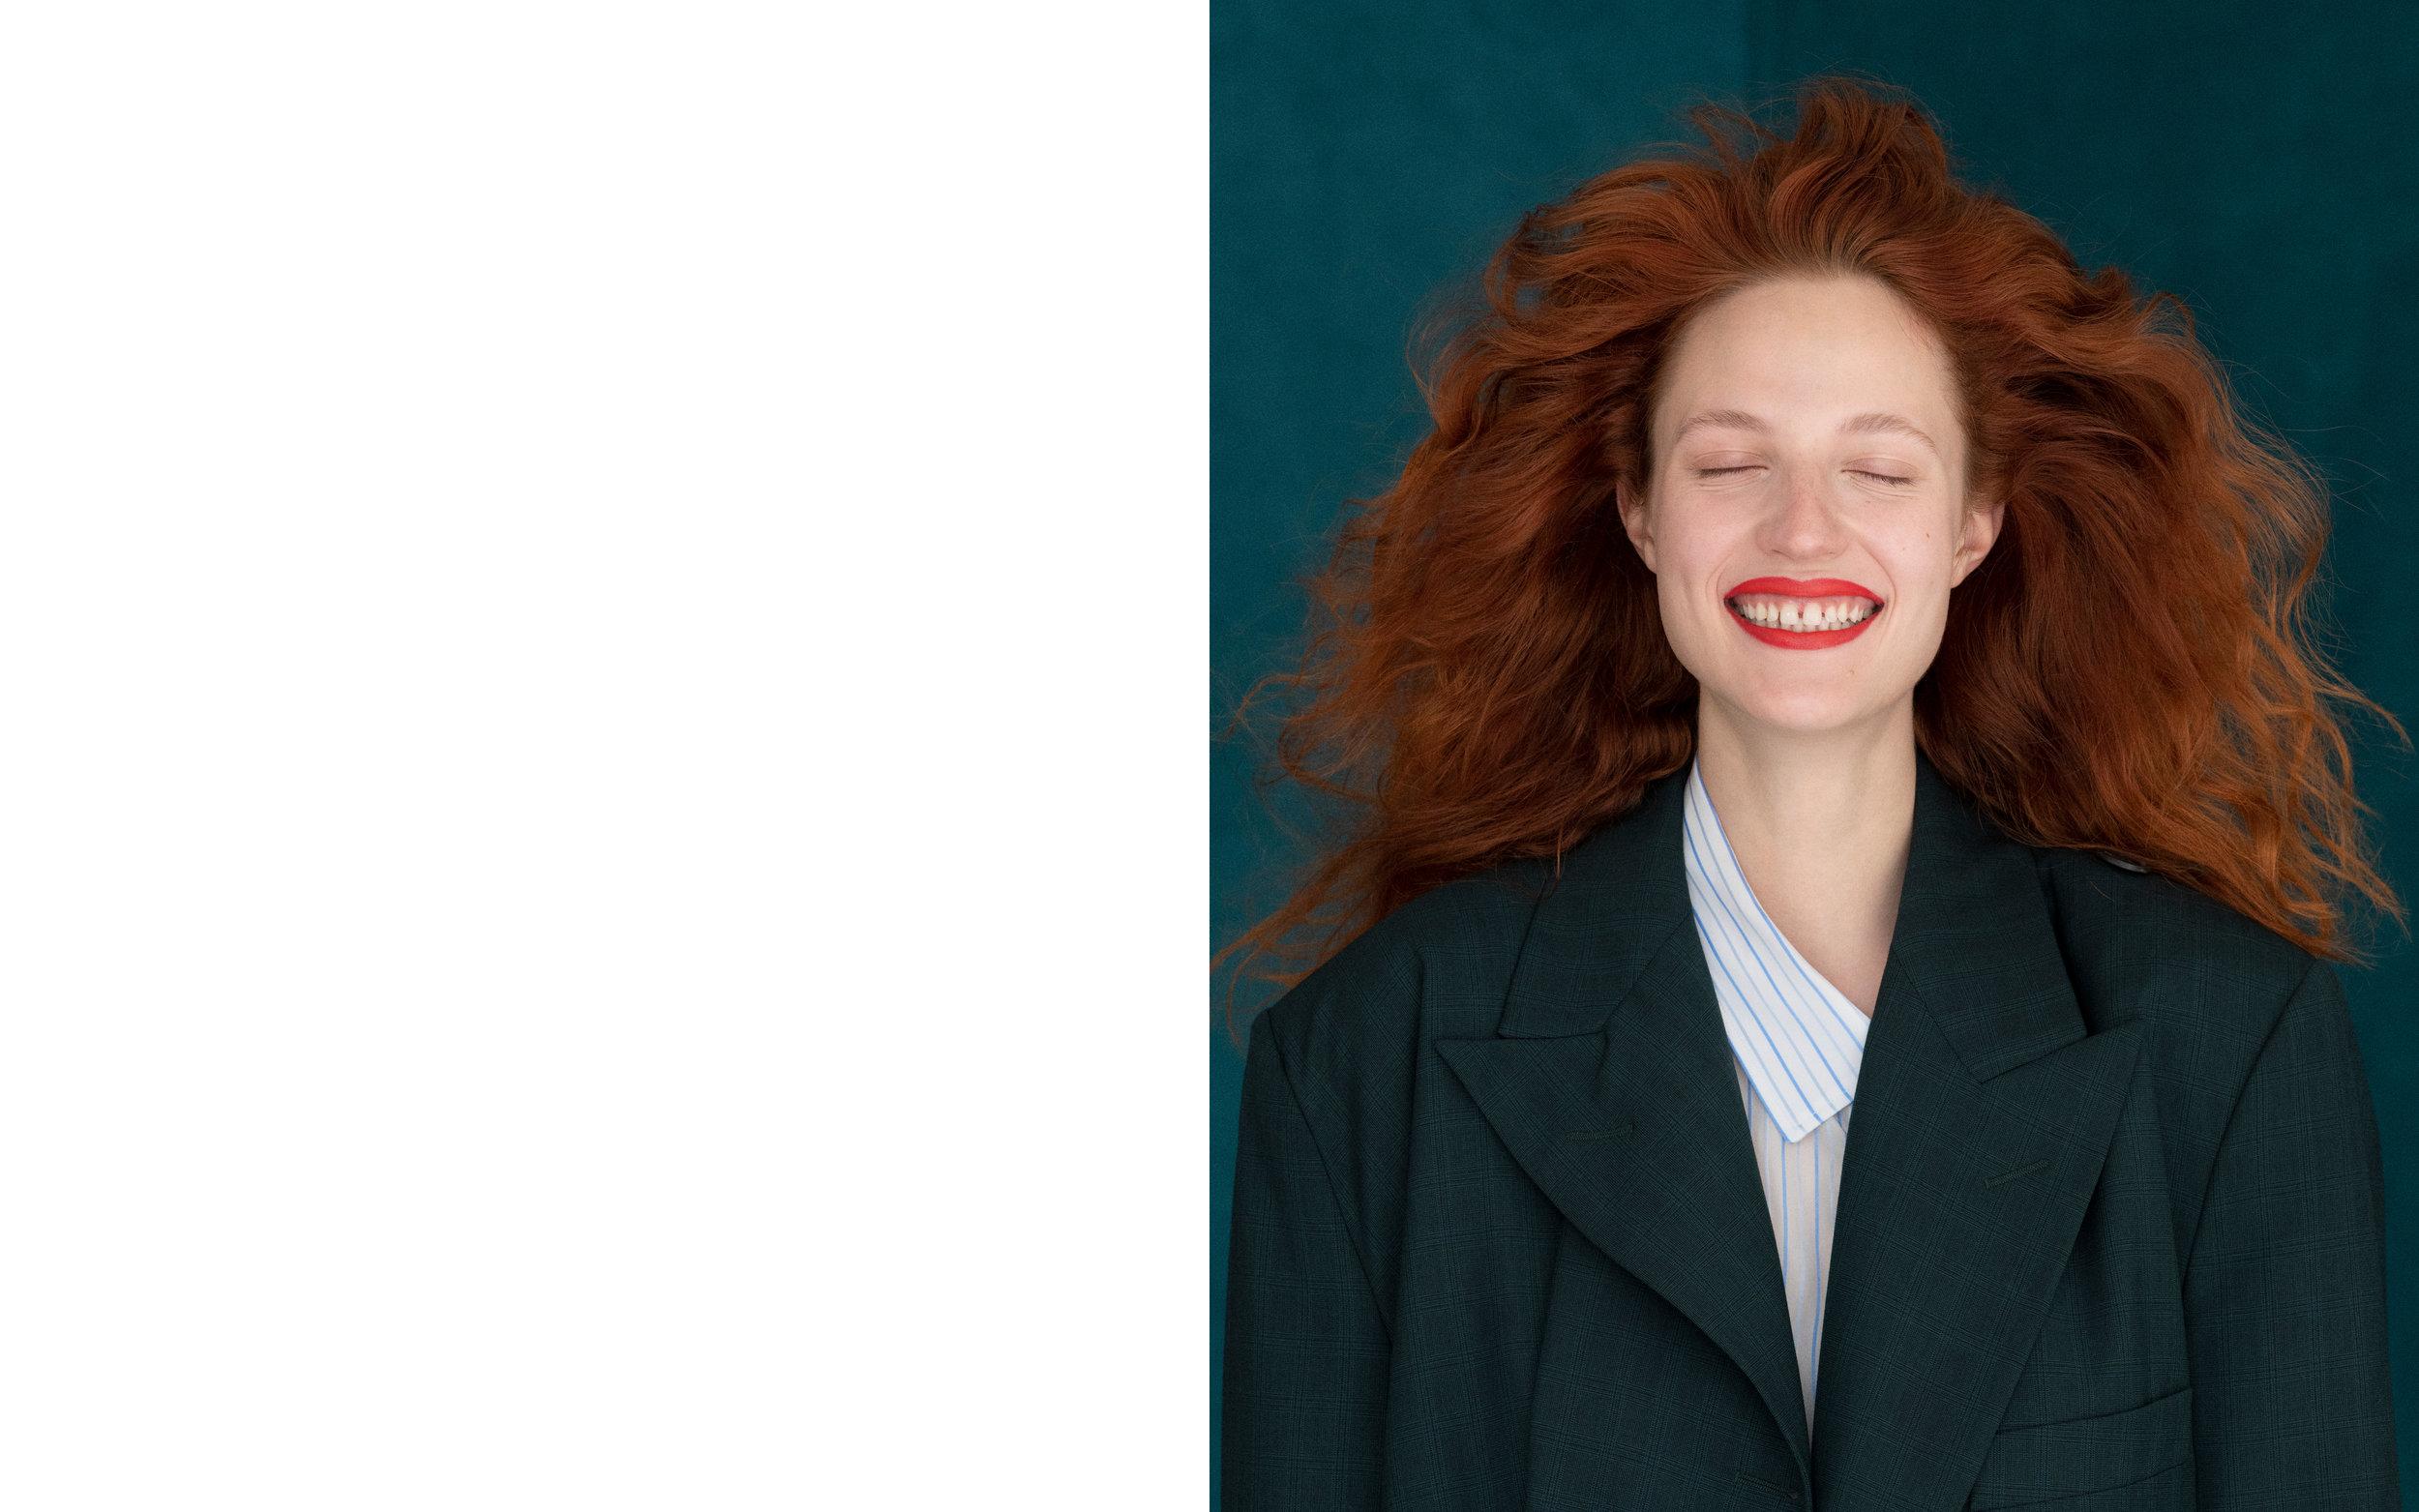 dominik_tarabanski_-_lady_smile_julia_banas_3.jpg